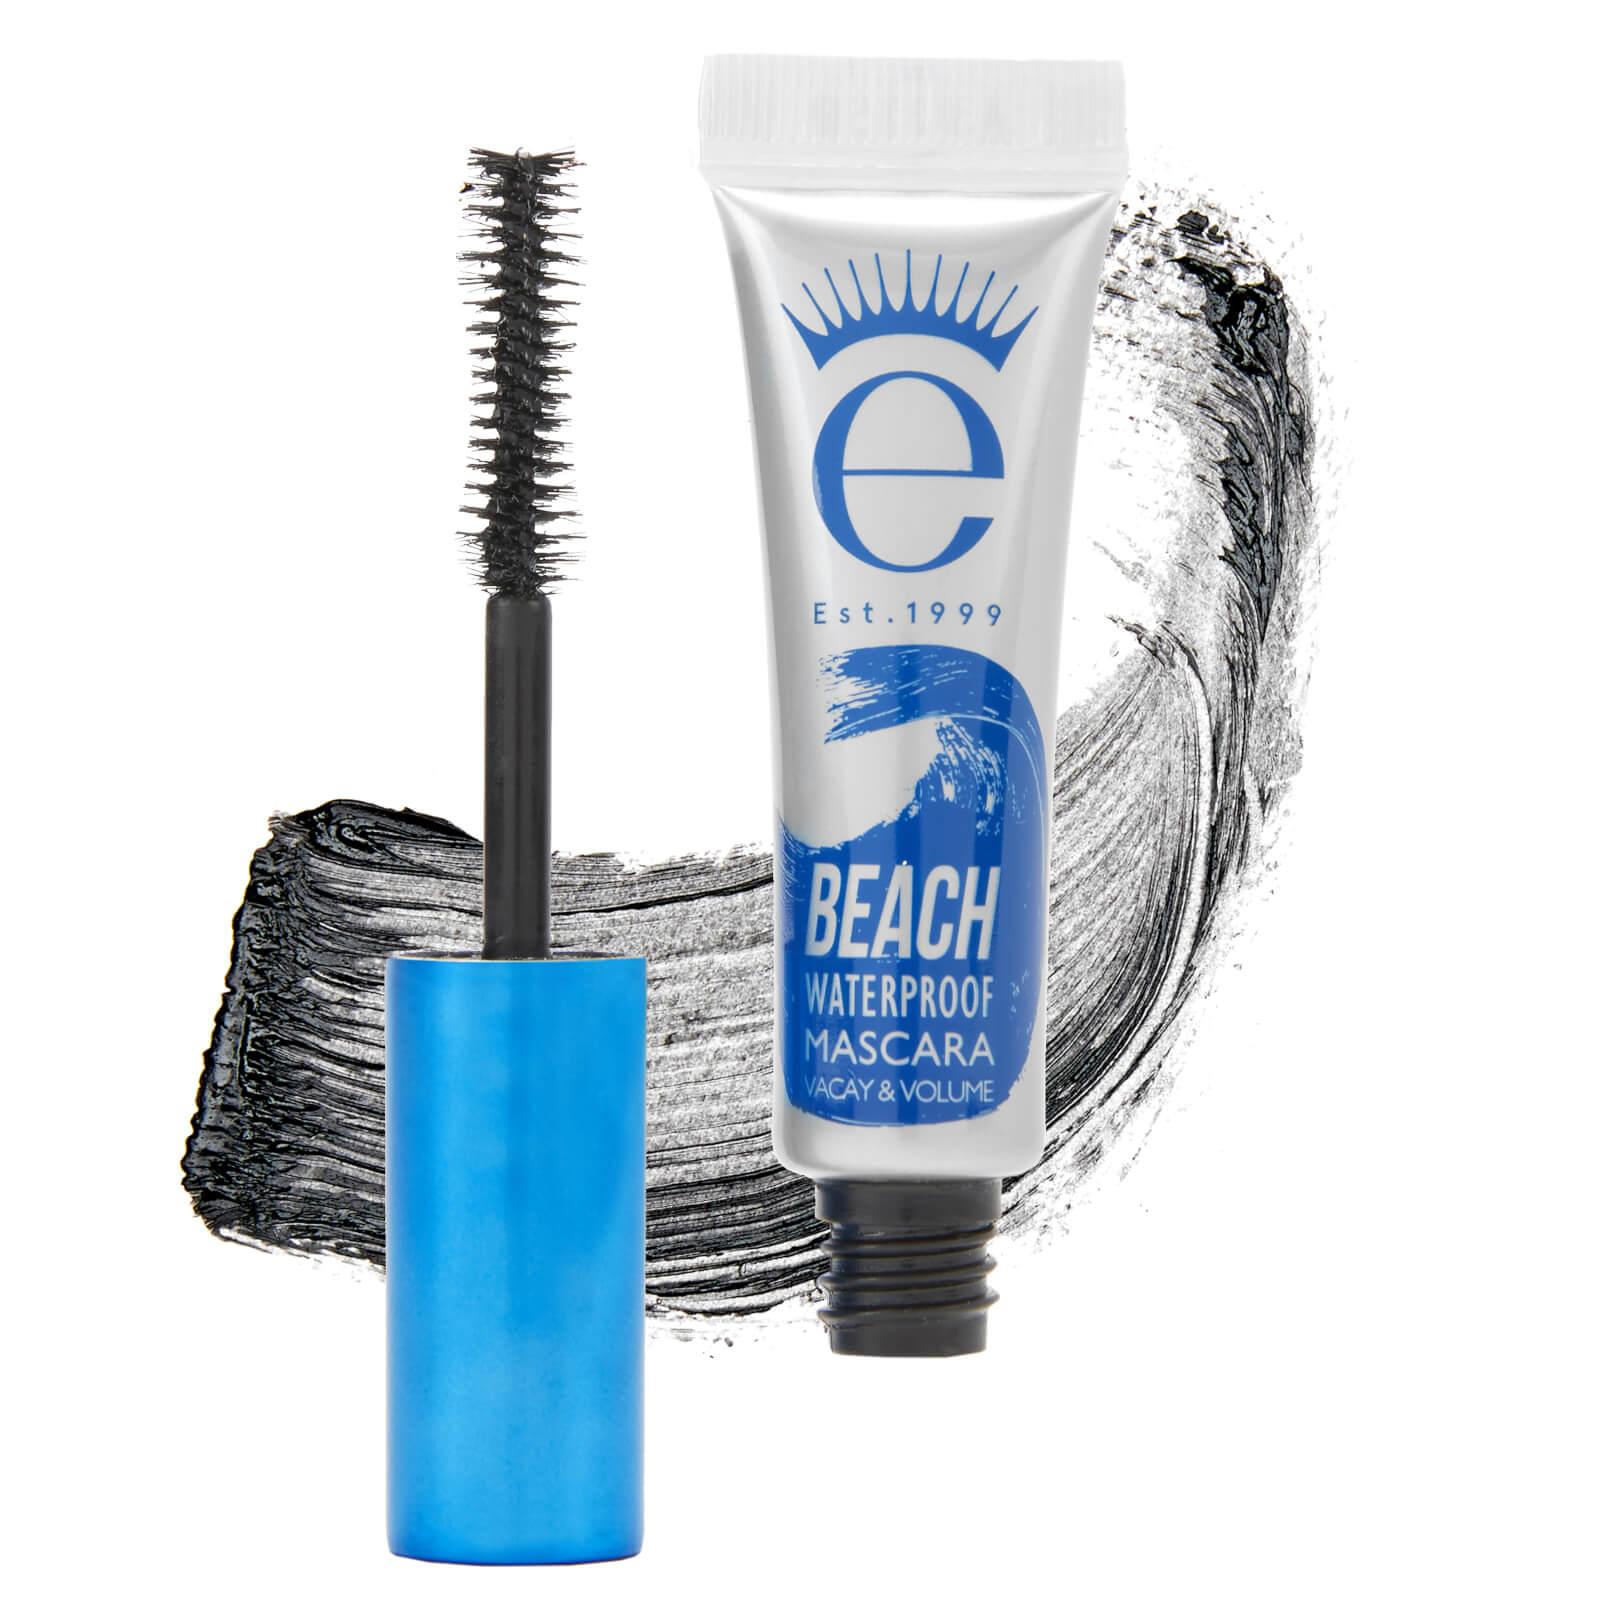 Eyeko Beach Waterproof Mascara 4ml